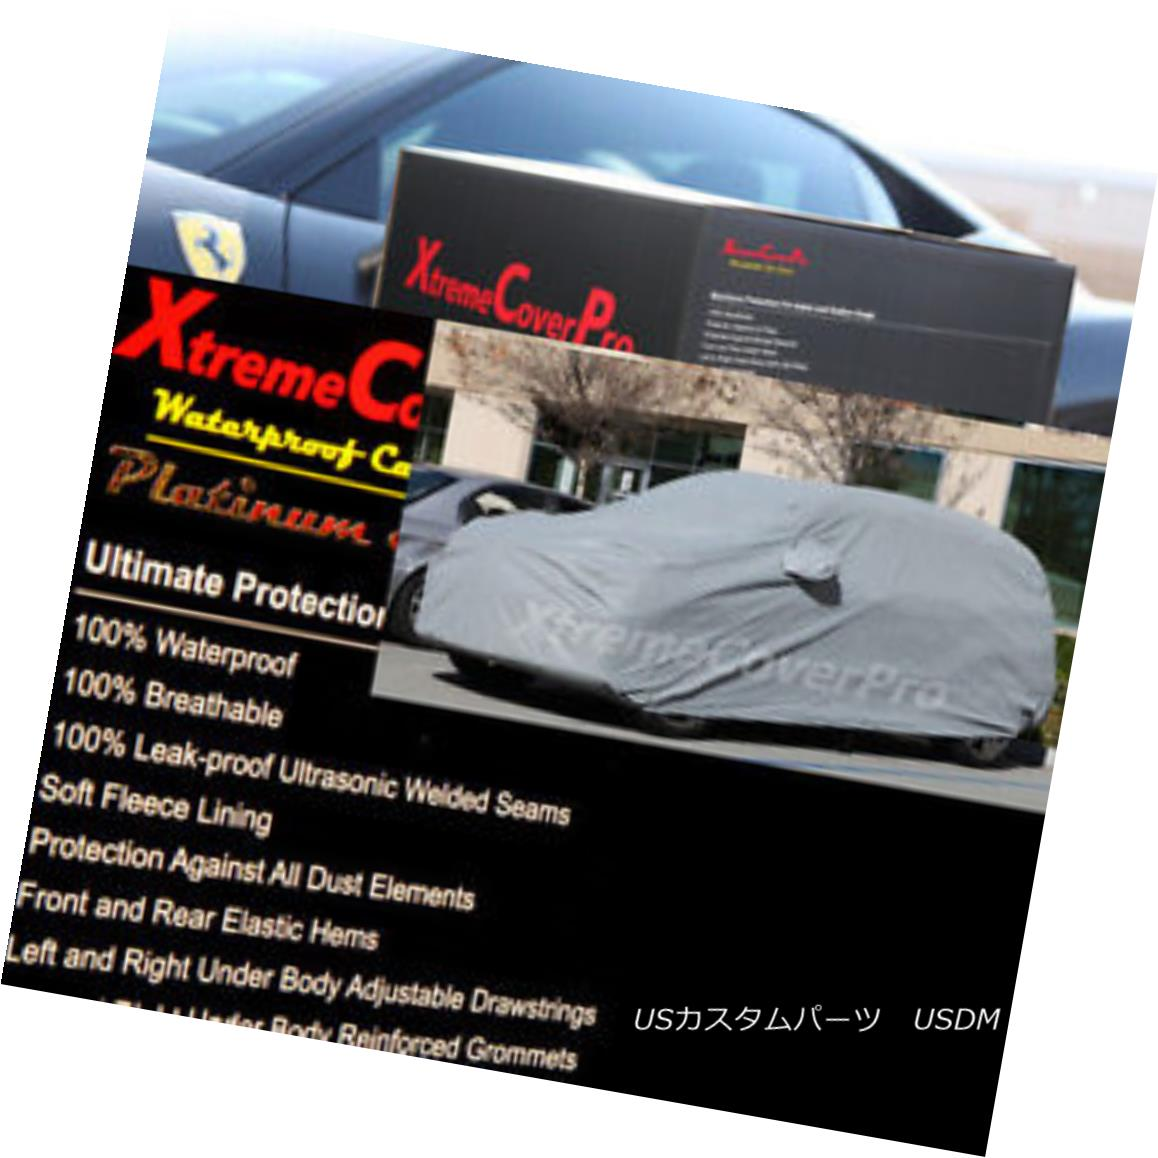 カーカバー 2005 2006 2007 Buick Terraza Waterproof Car Cover w/MirrorPocket 2005年2006年Buick Terraza防水カーカバー付きMirrorPocket